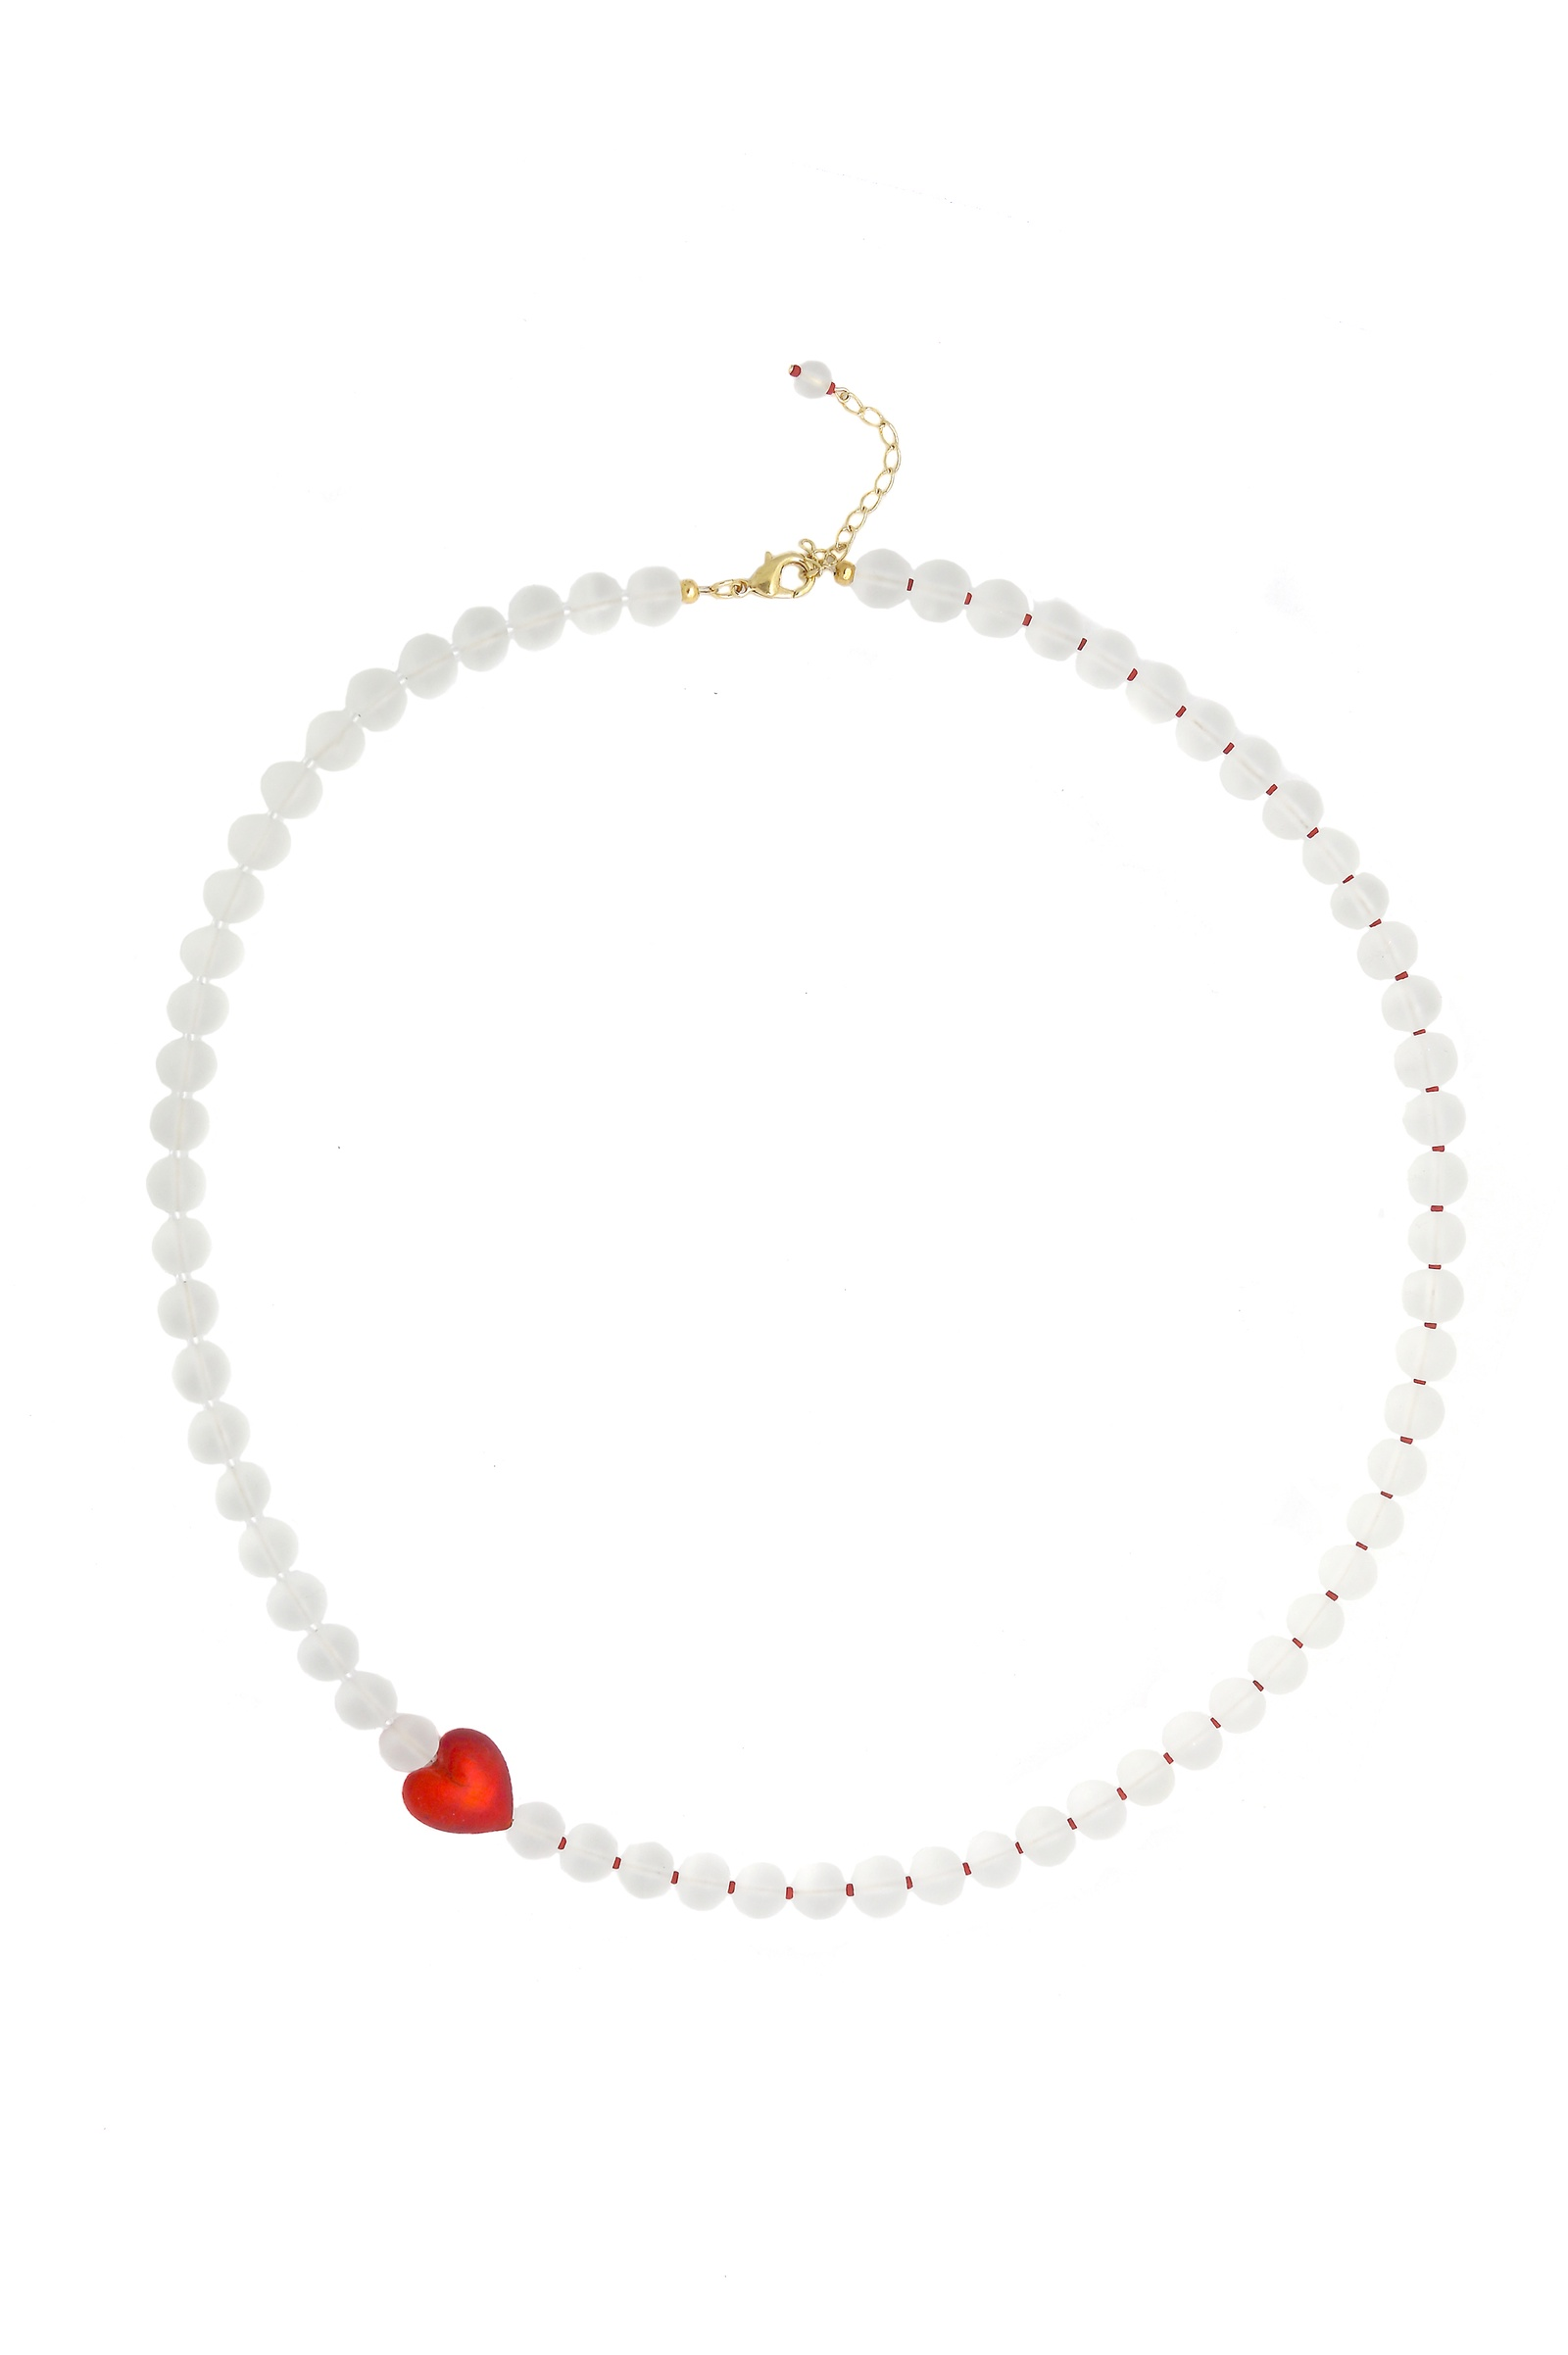 Колье/ожерелье бижутерное Боттега Мурано 09010462 02, Муранское стекло, Кварц, 70+5 см, красный цена